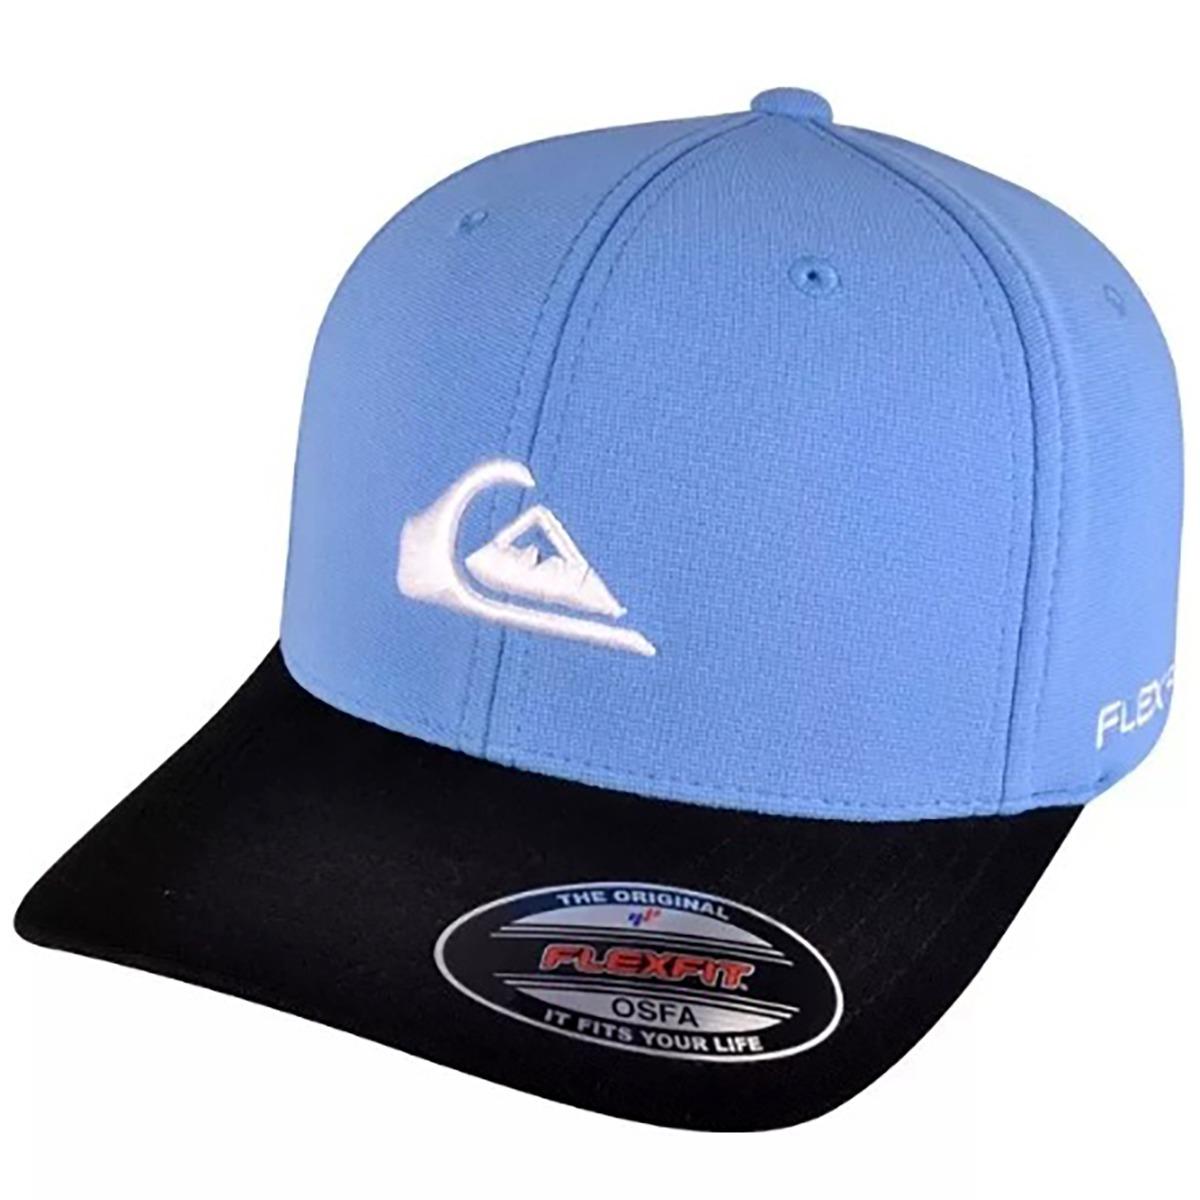 000b60727b19a boné quiksilver embroyed logo imp azul - 100% original. Carregando zoom.